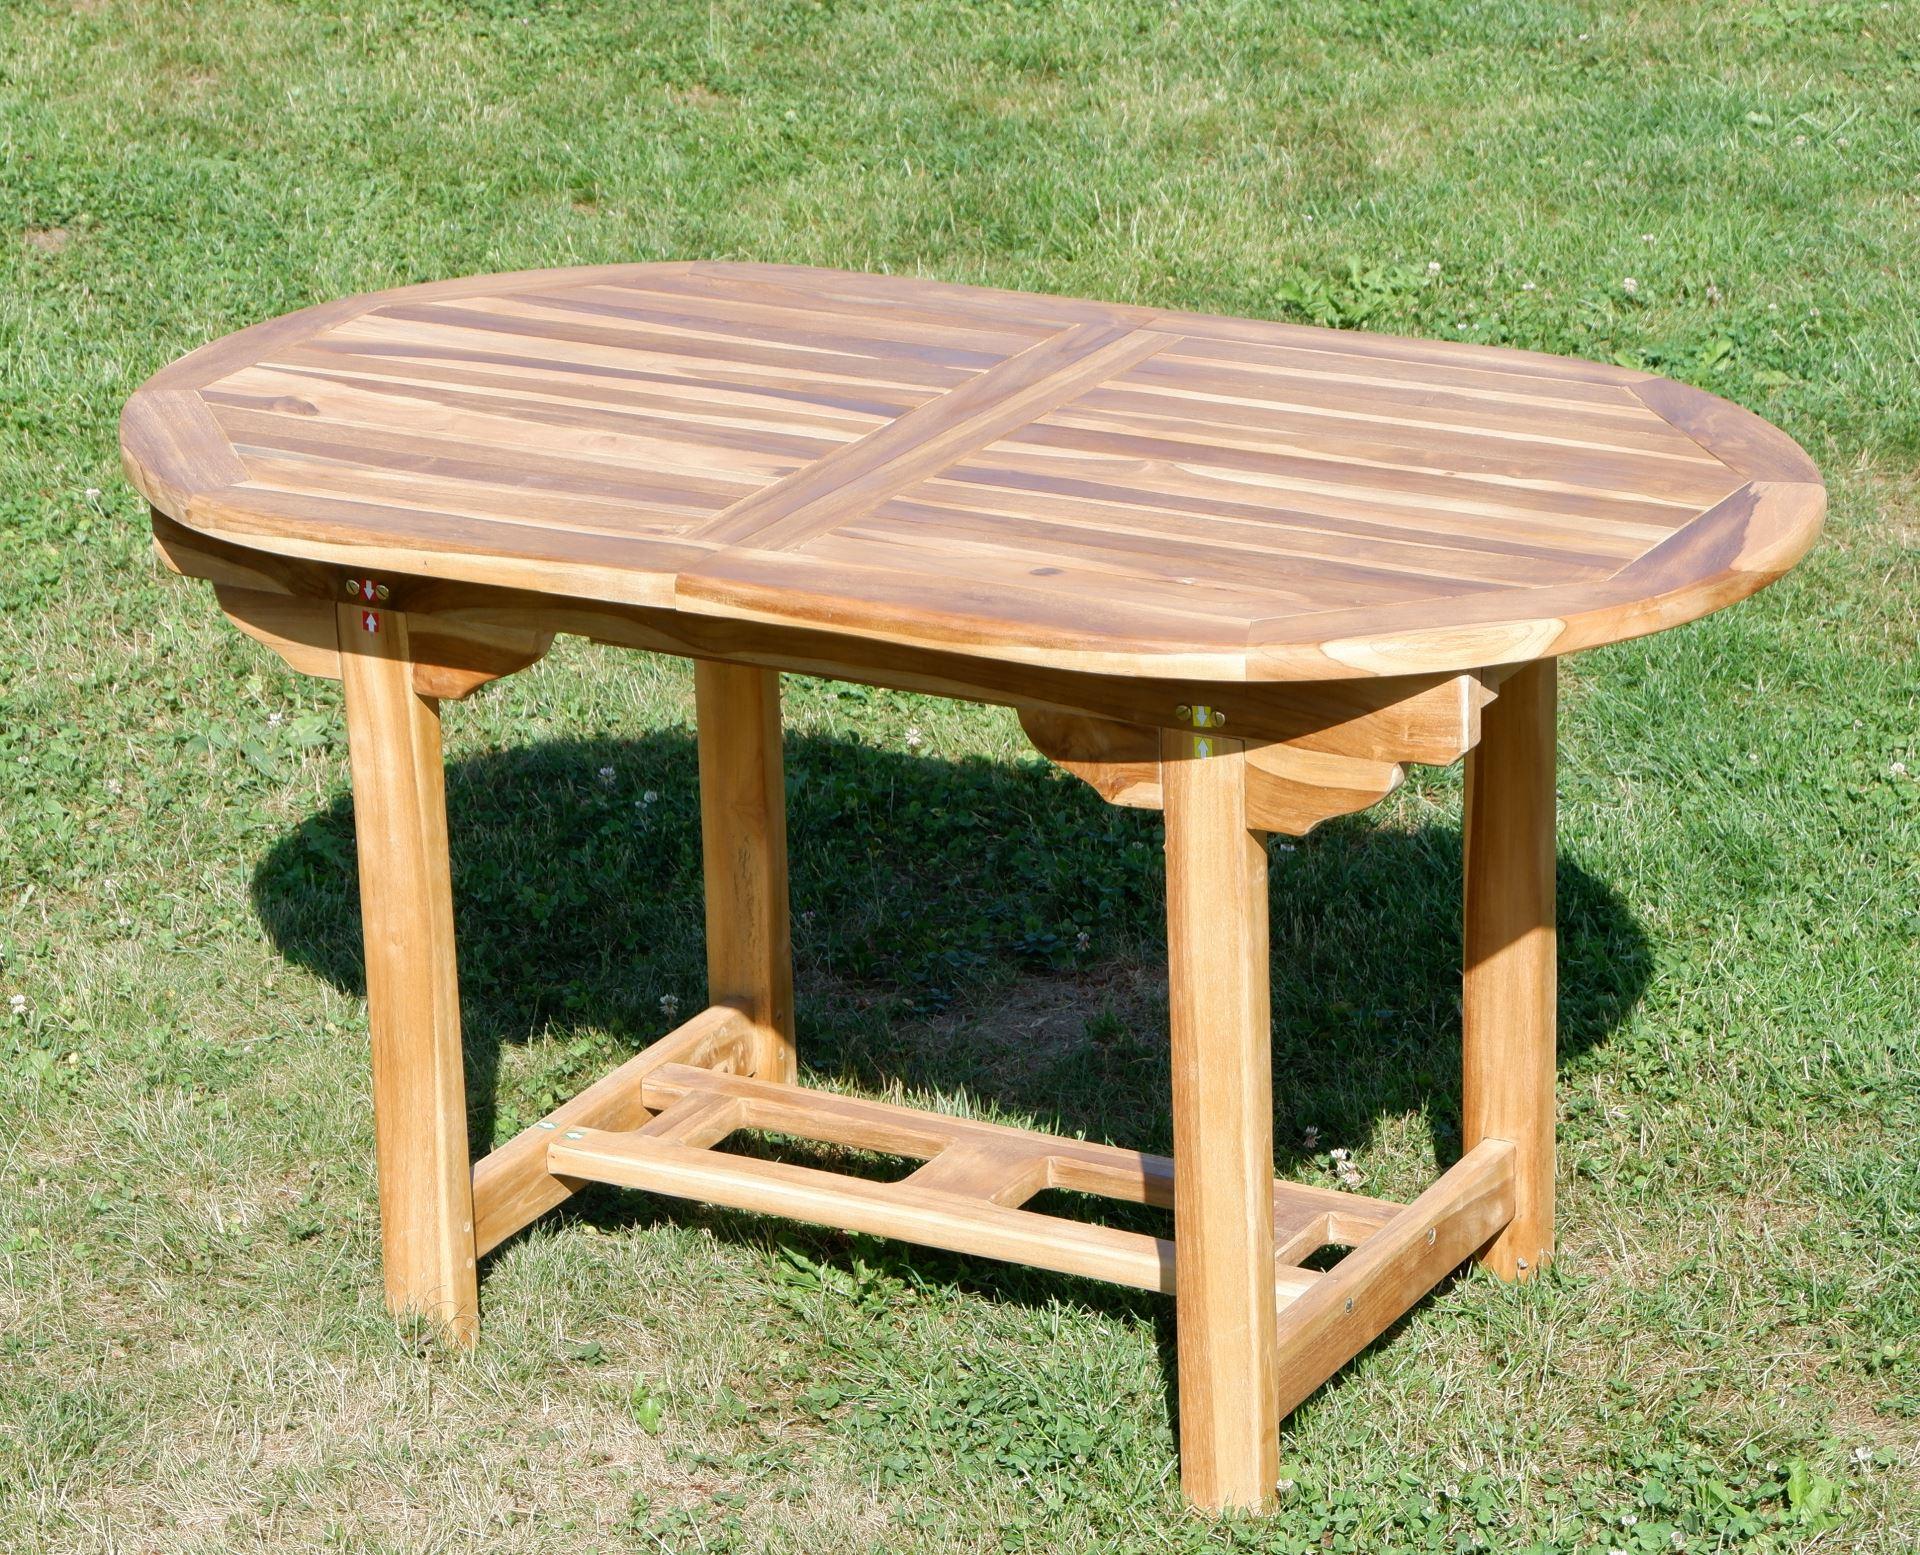 ... Echt TEAK Ausziehtisch 140 180 X 80 Cm Holztisch Gartentisch Tisch  Ausziehbar Holz Mod. ...